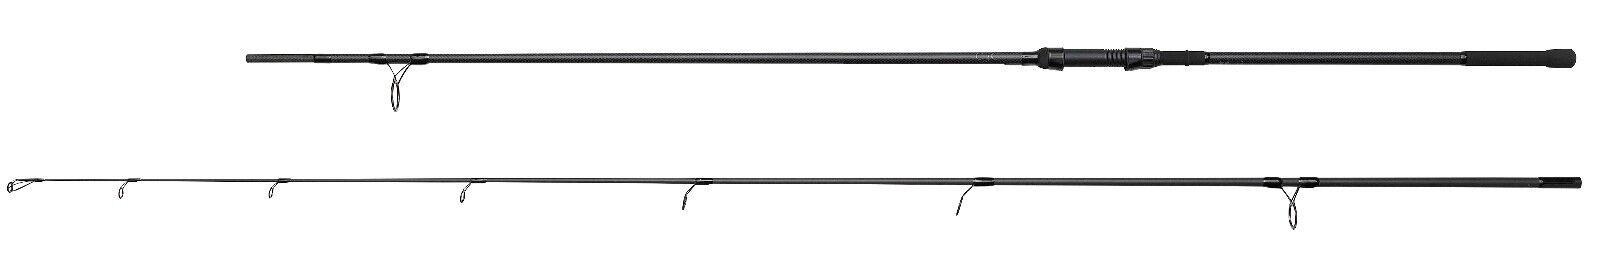 A0918 Prologic C3c 10FT 3 lb Caña Pesca de Cochepas Cochep Barra Pescador Barco Rods